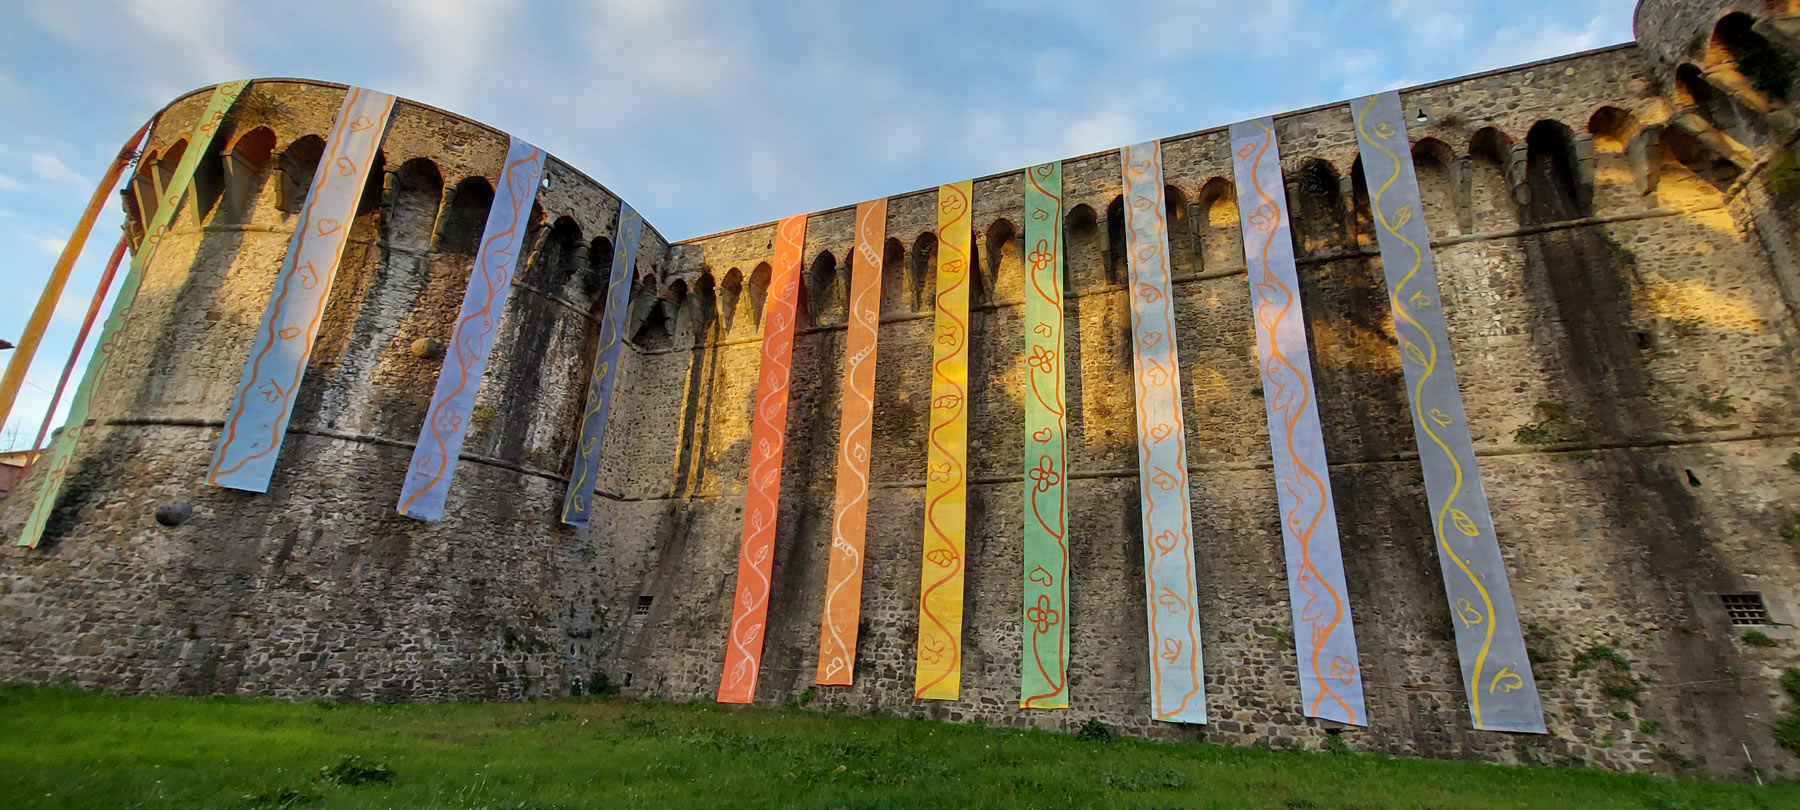 La Fortezza di Sarzana diventa un arcobaleno: ecco l'installazione di Dale